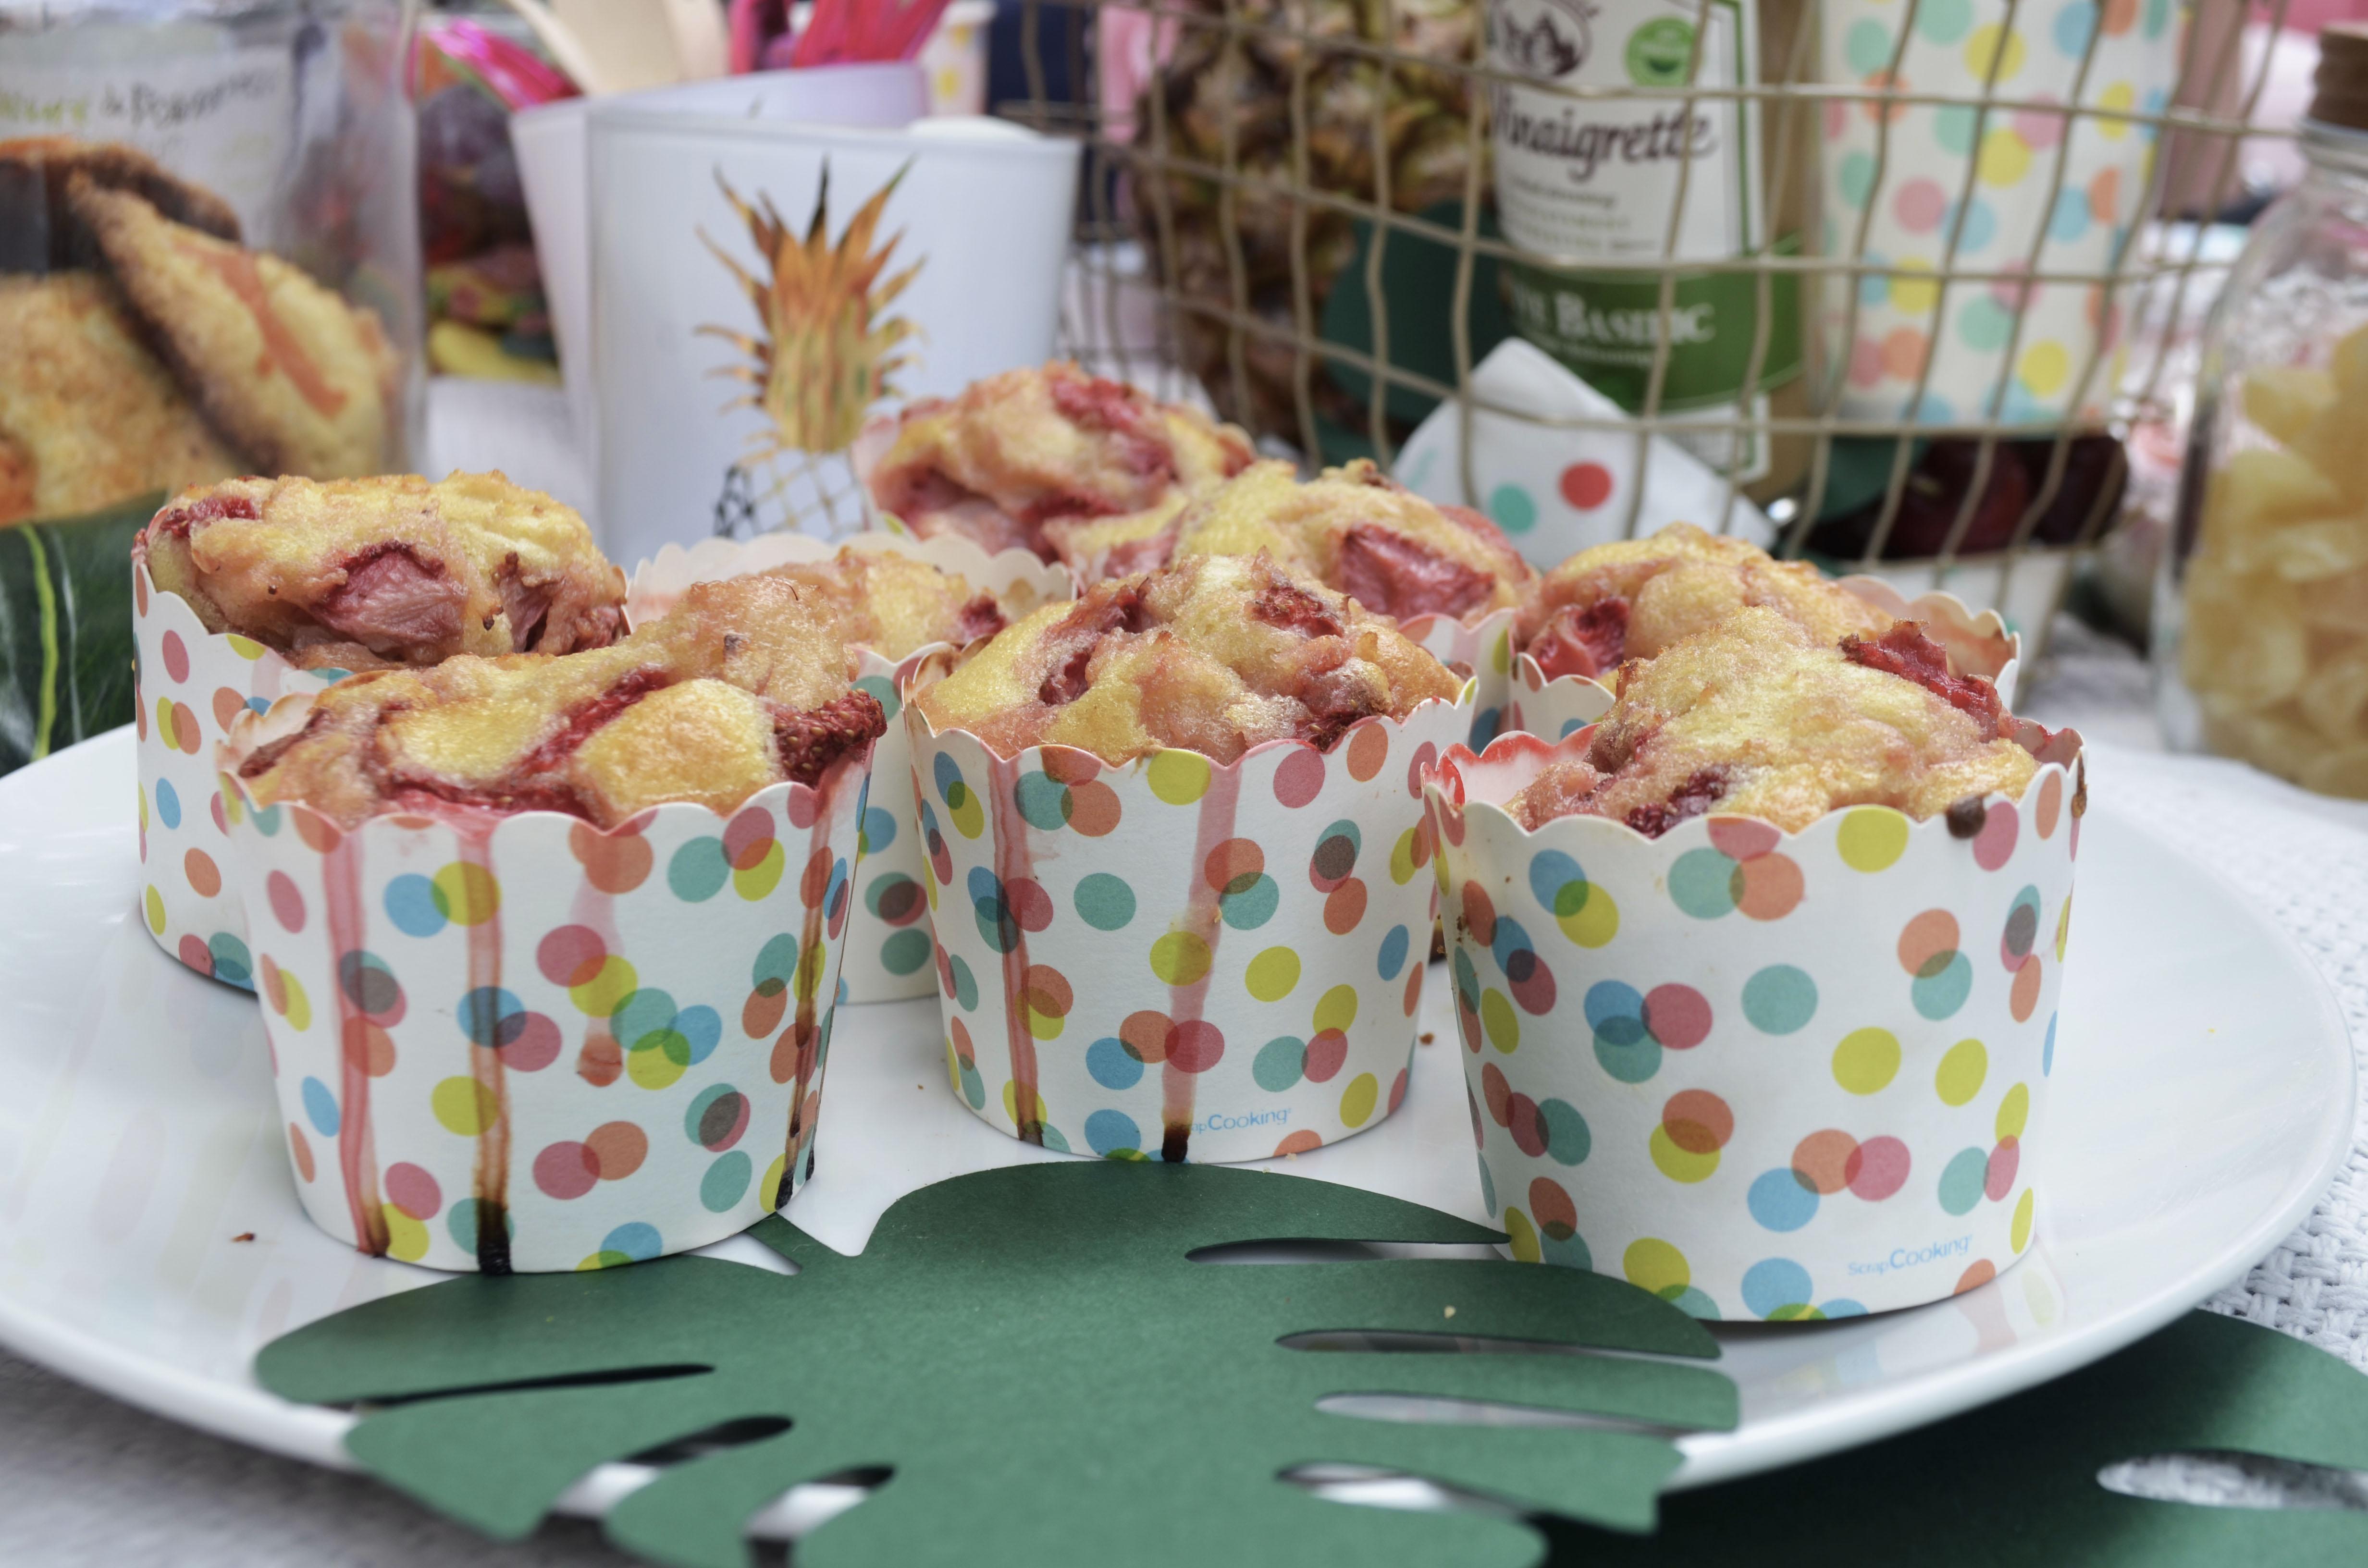 quand julie patisse - blog culinaire / recettes pâtisserie / cap ... - Cours De Cuisine Cap